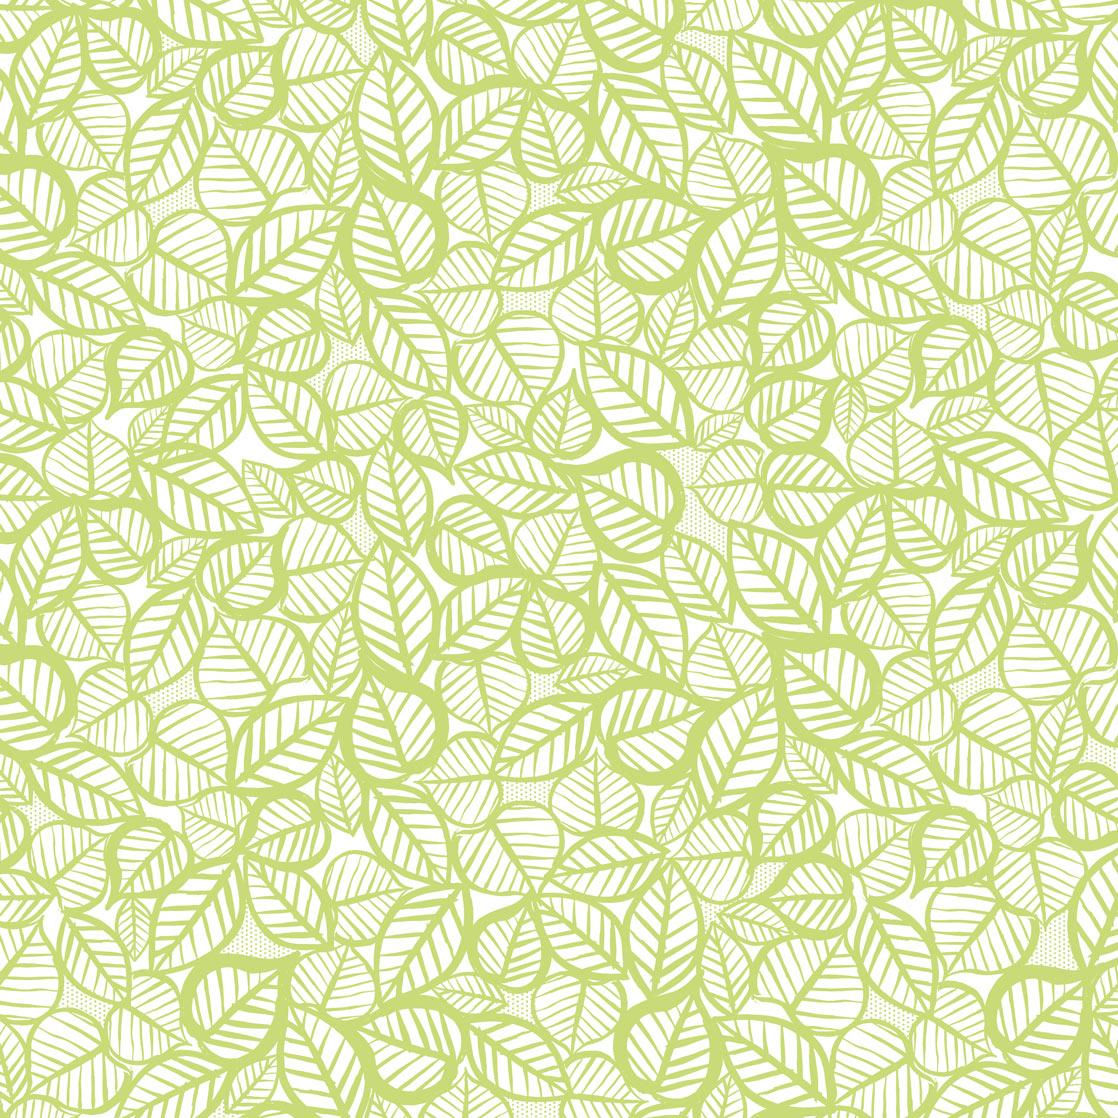 Tropics - Pattern 2